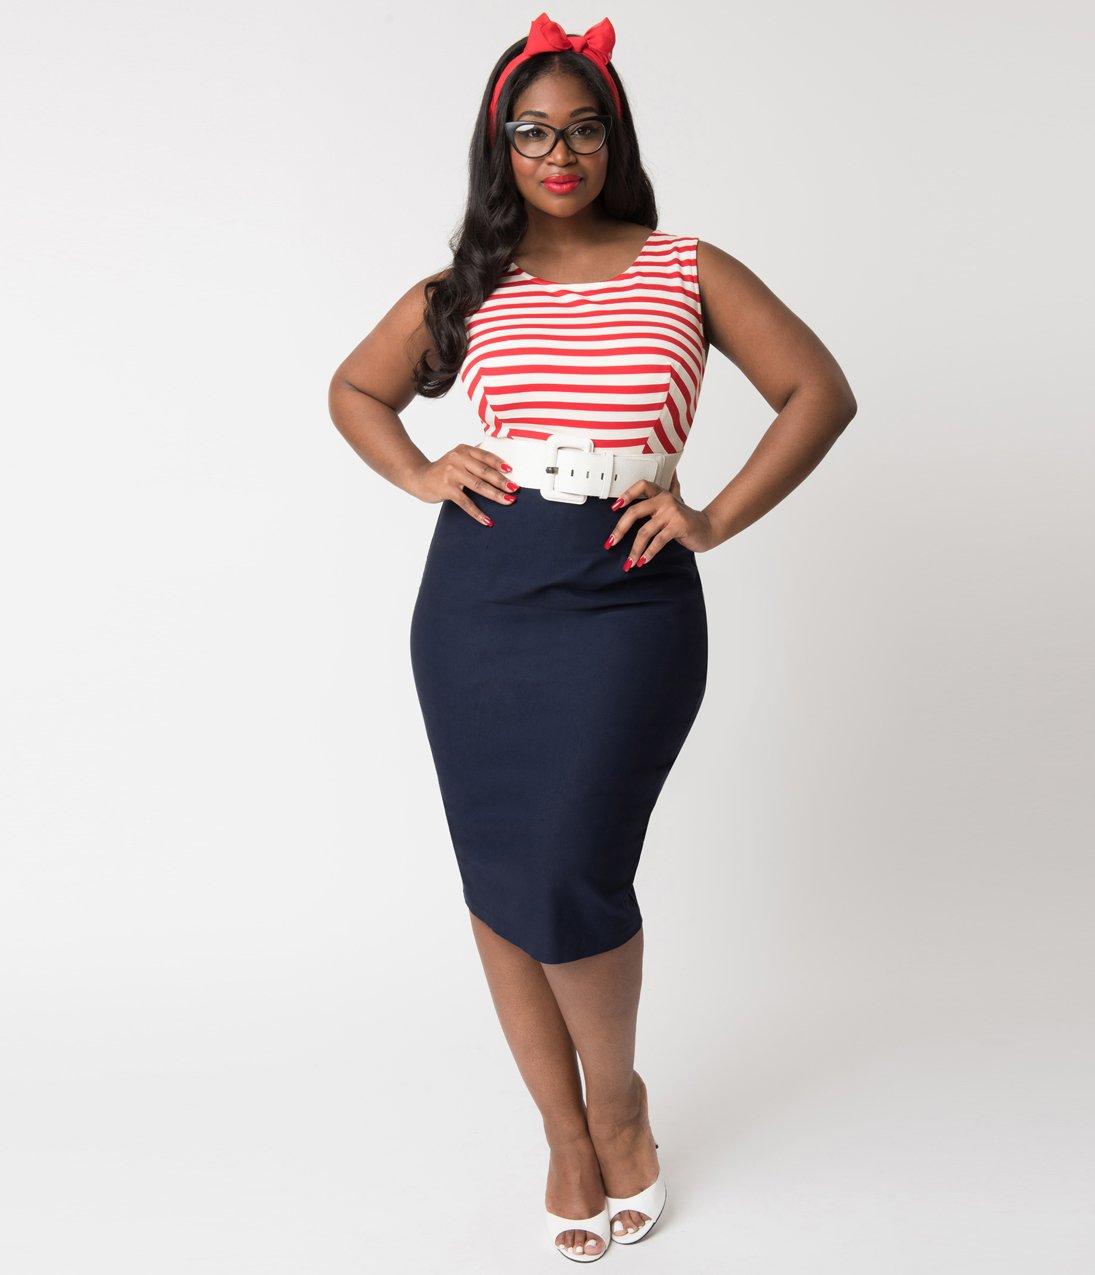 Barbie-x-Unique-Vintage-Plus-Size-Cruise-Stripes-Nautical-Pencil-Dress